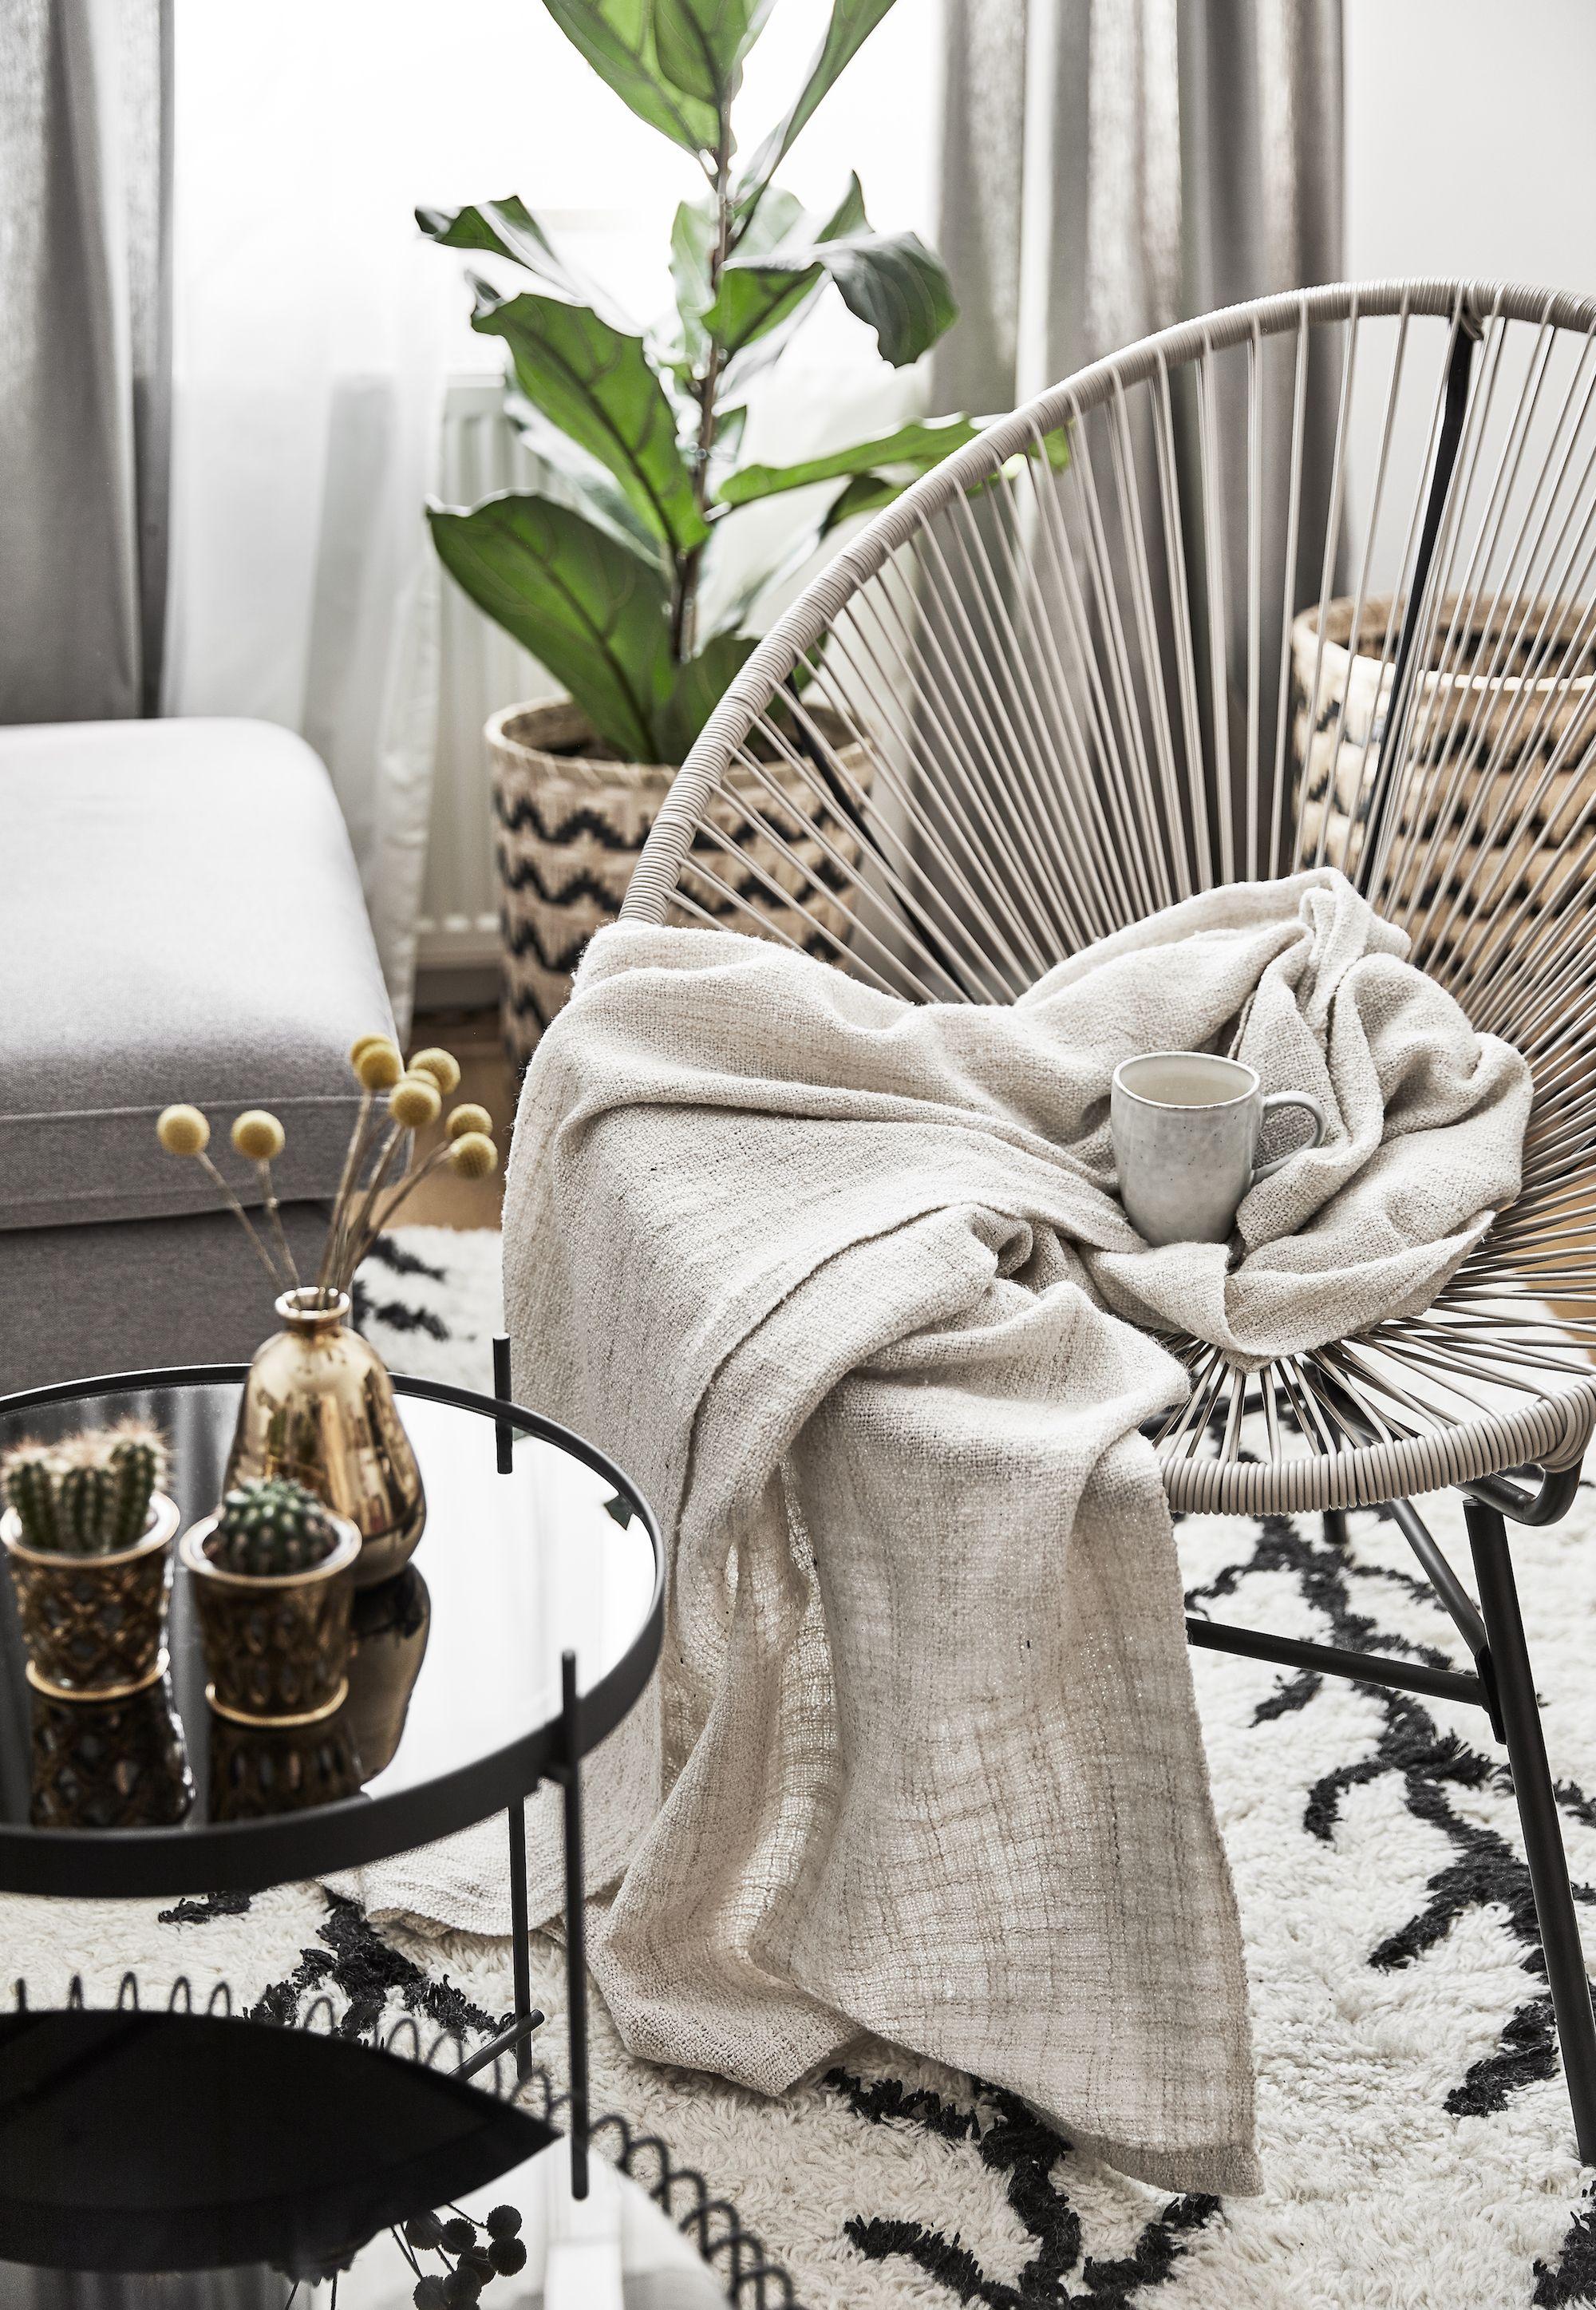 Der Stylische Loungesessel Im Mexico Chair Design Ist Nicht Nur